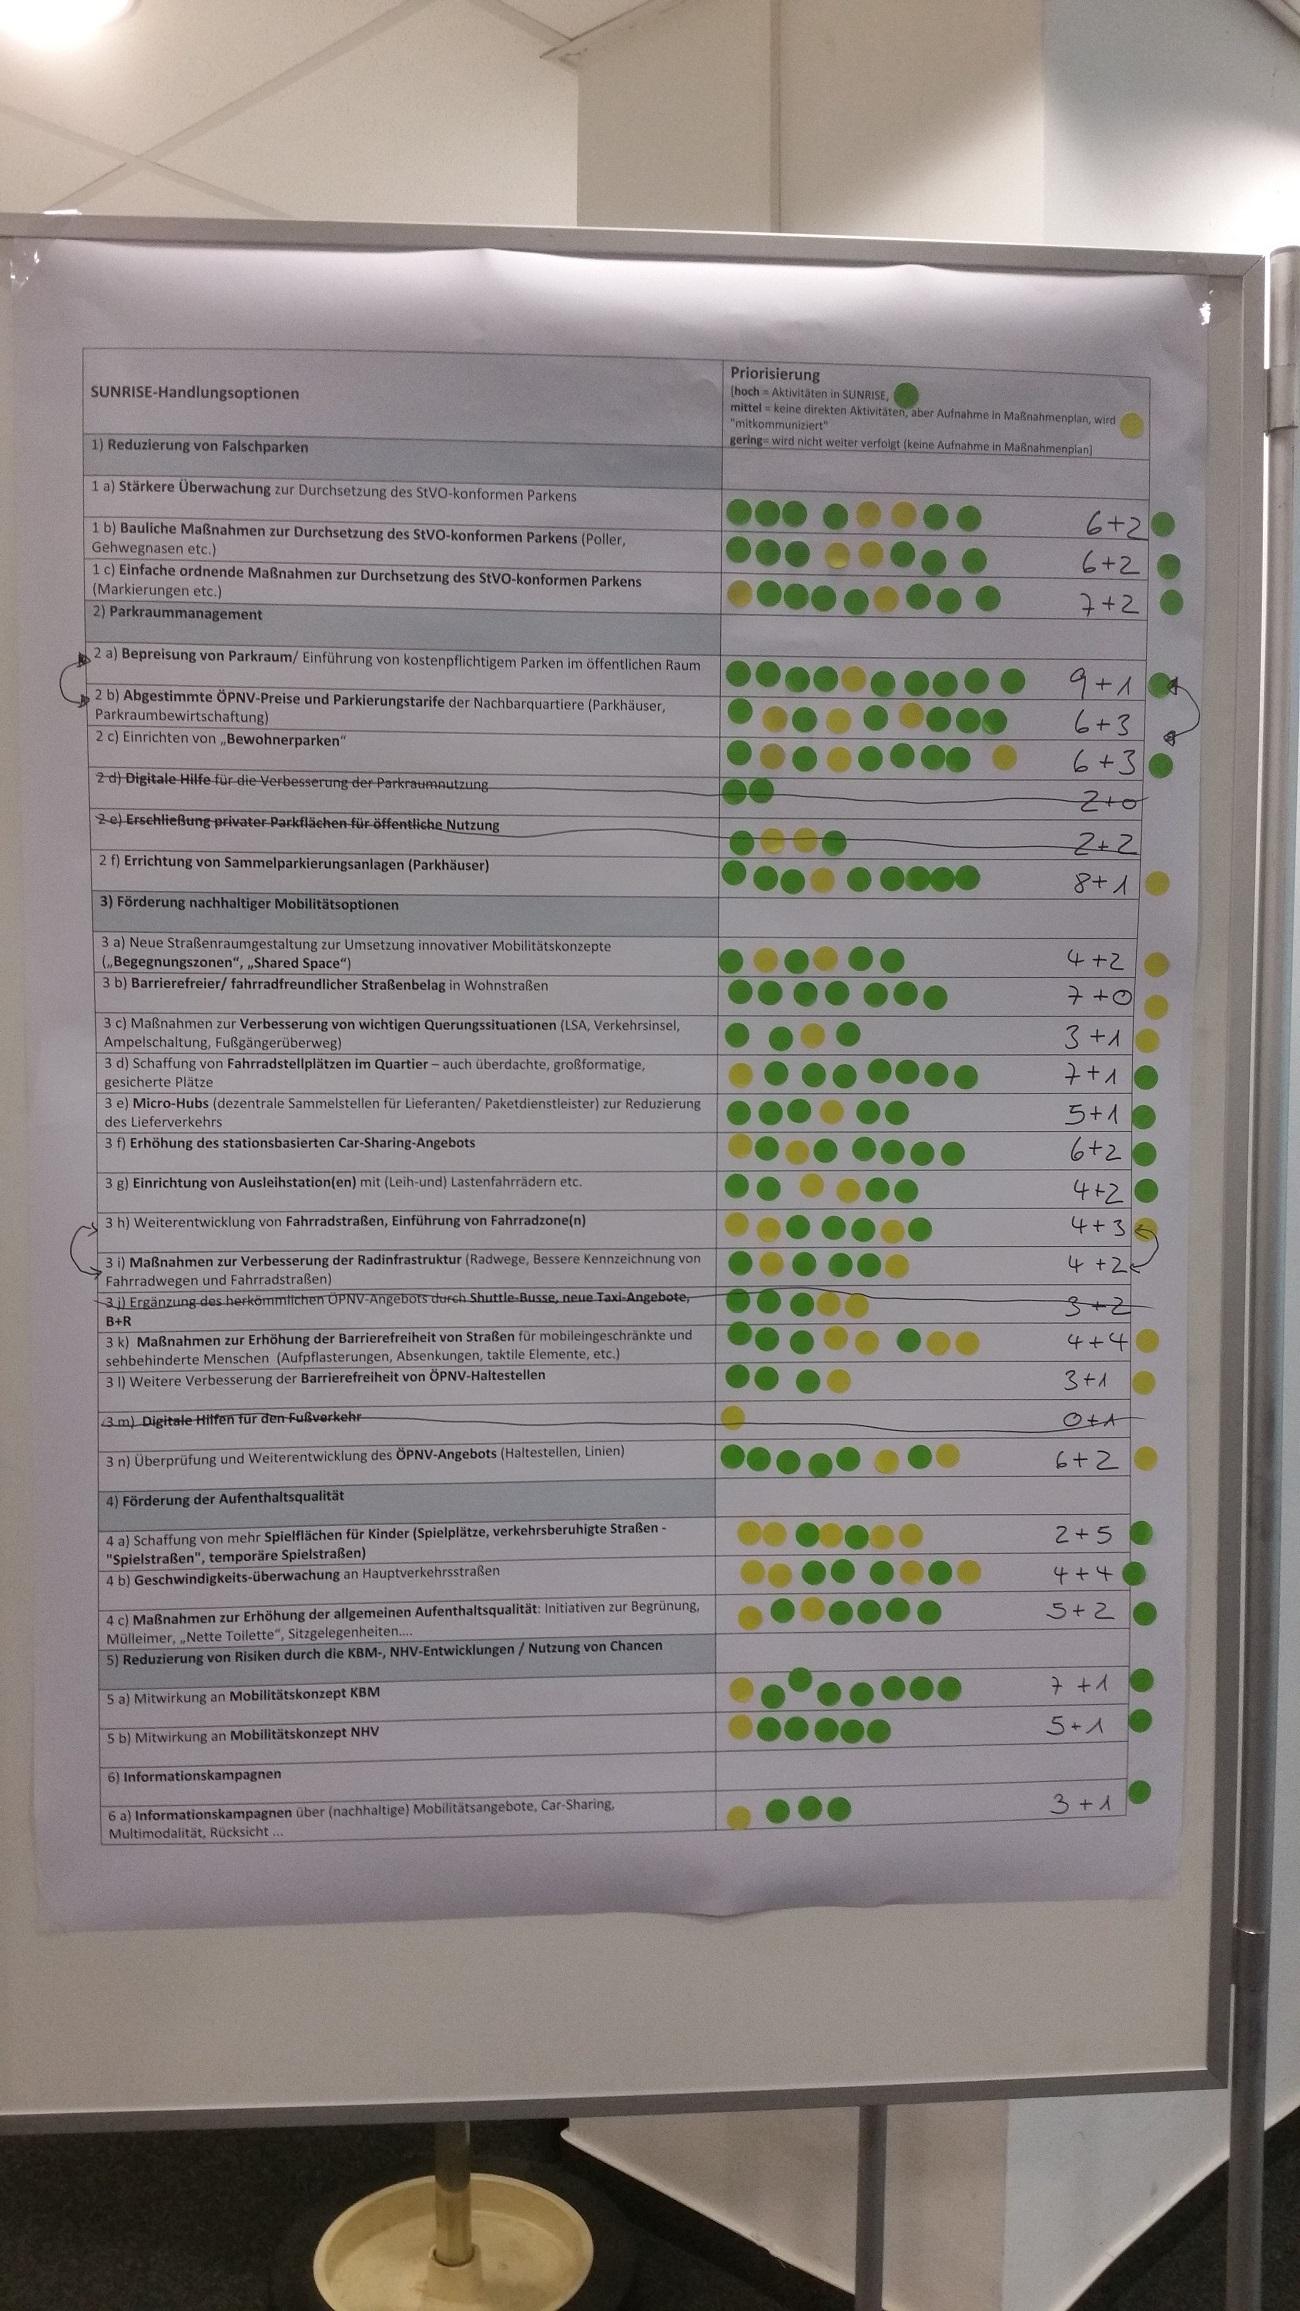 Ergebnis des Workshops: eine (vorläufige) Prioritätenliste der Handlungsoptionen für die Umgebung von Hulsberg